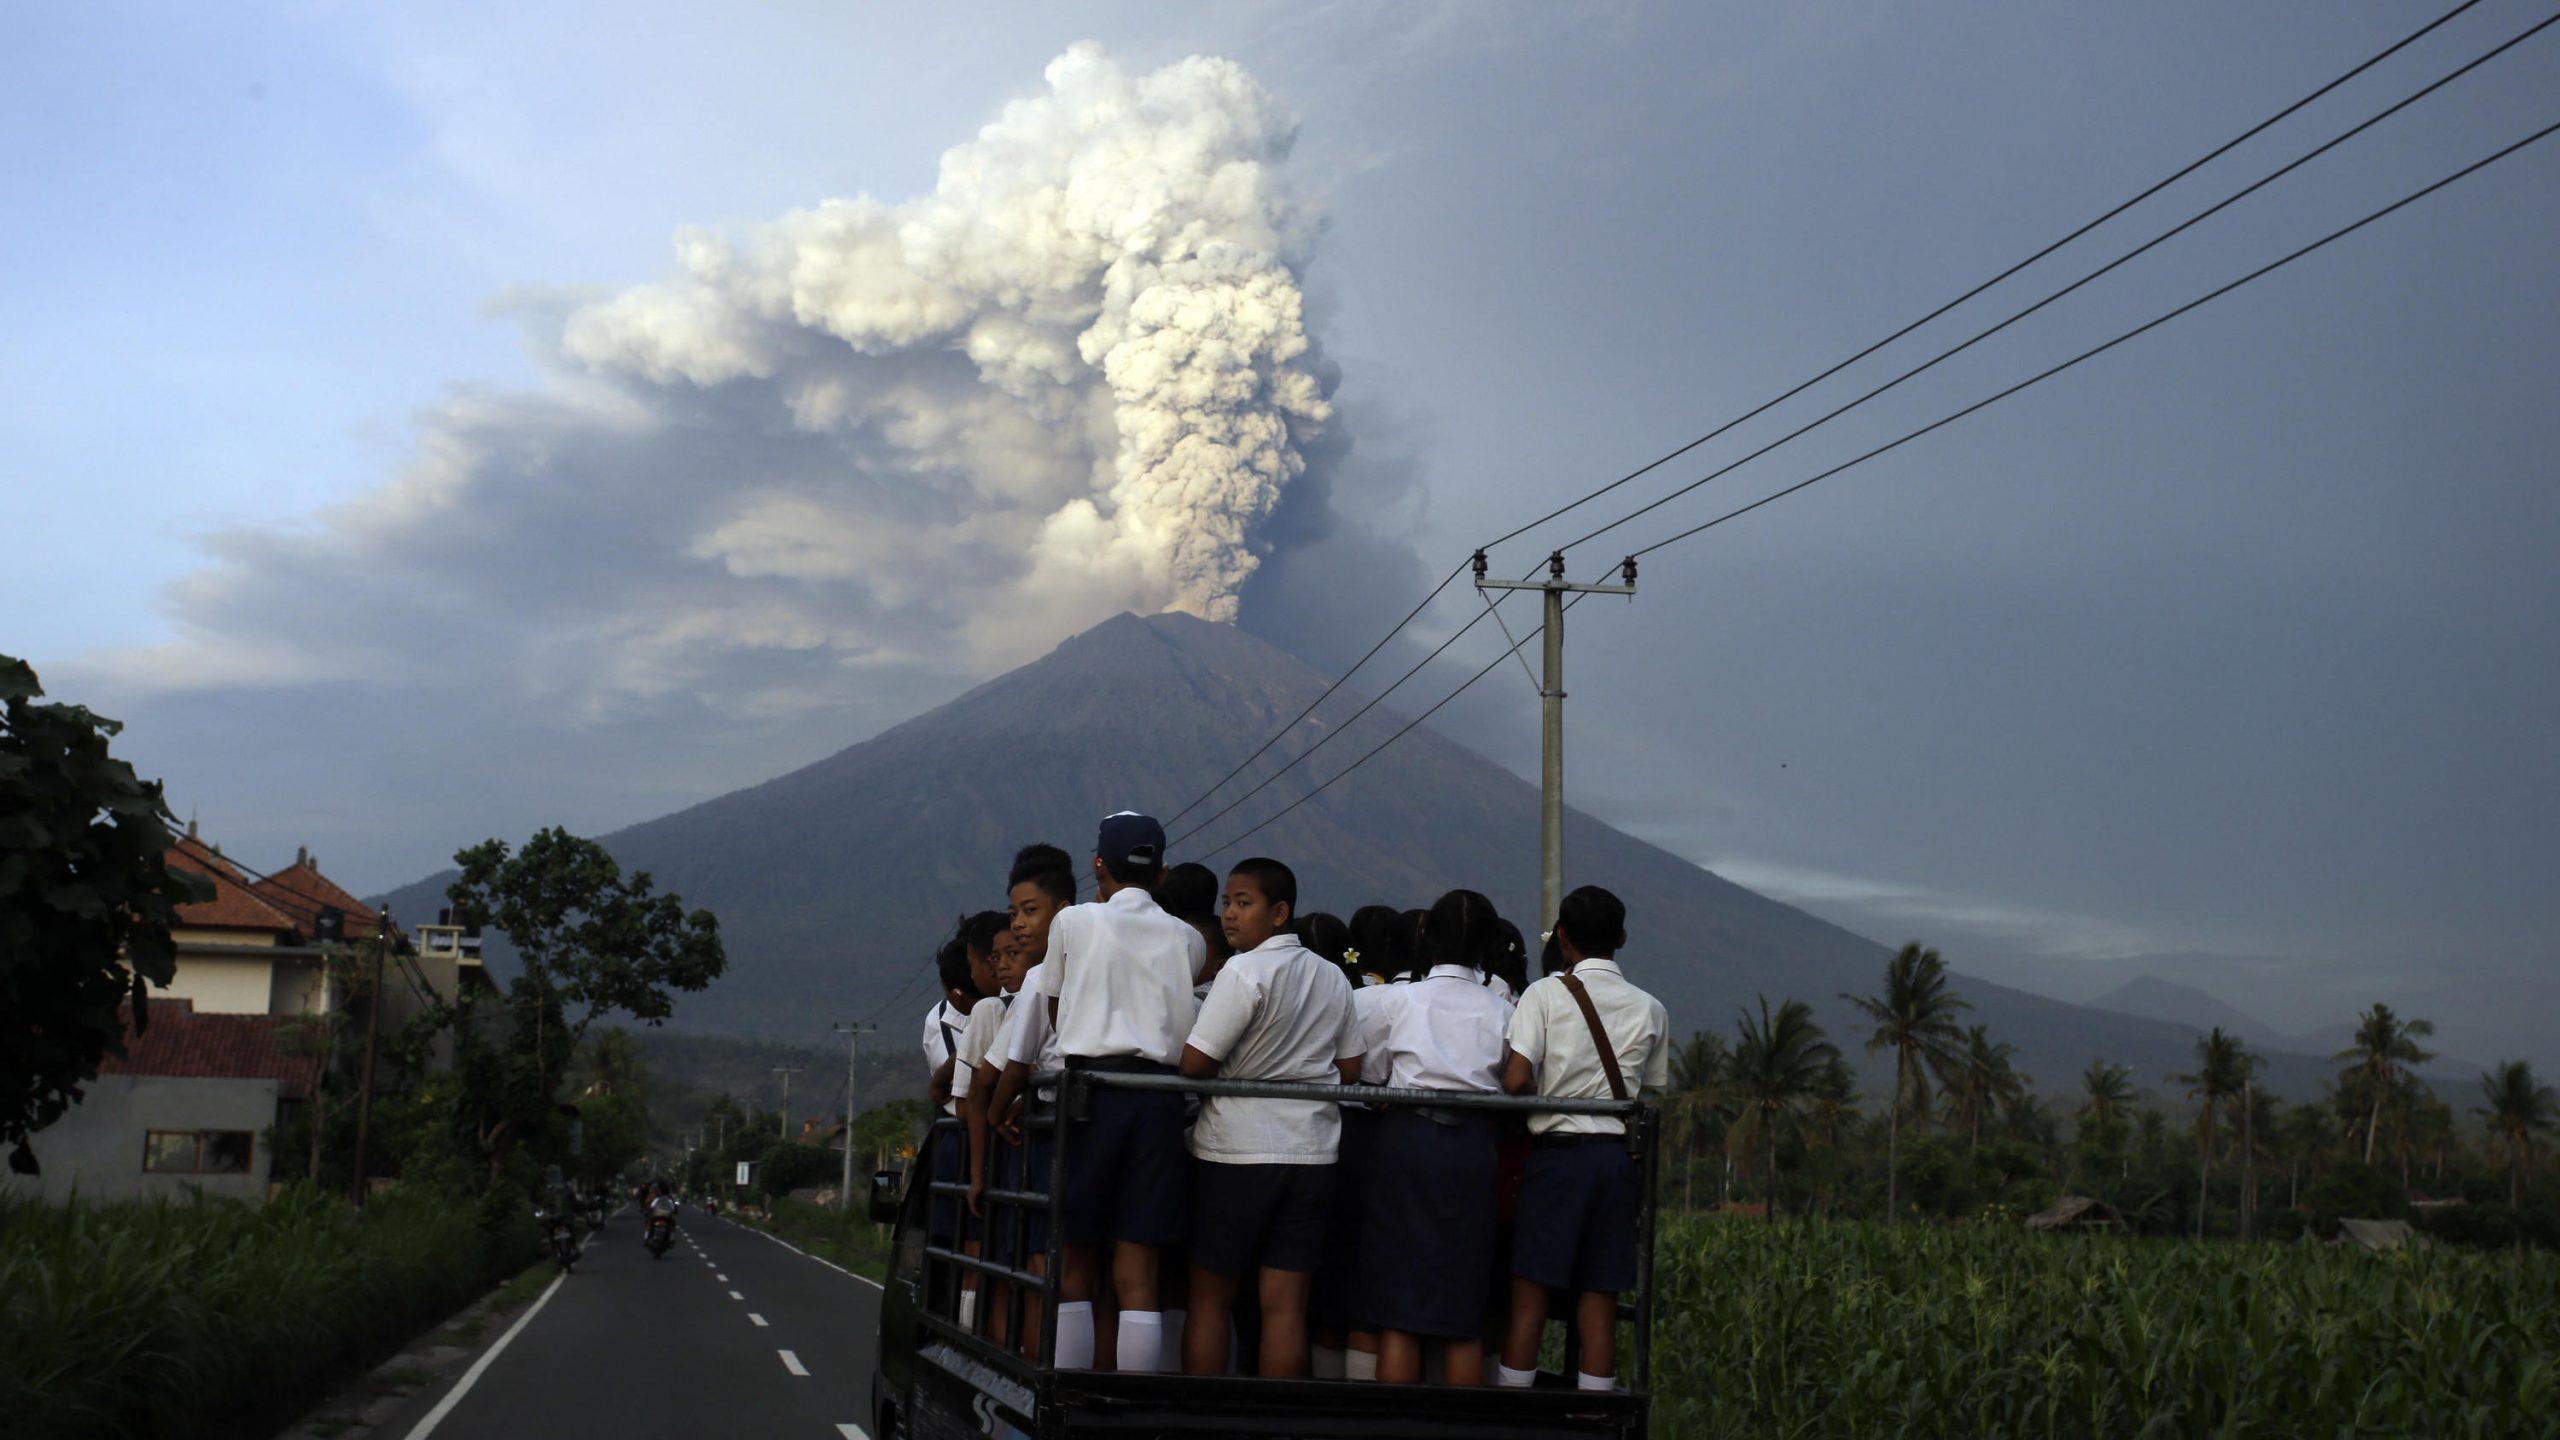 Klimafaktor Vulkanausbruch - So Können Vulkane Das Klima verwandt mit Was Passiert Bei Einem Vulkanausbruch